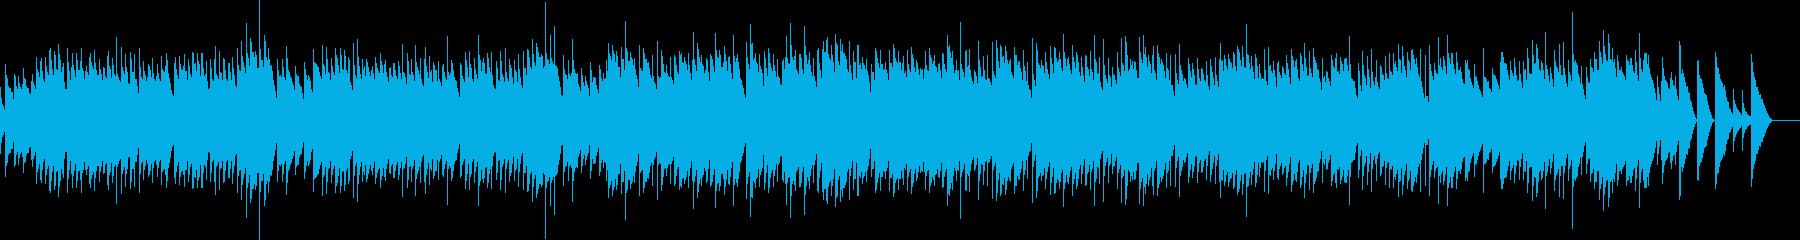 エルガー 愛の挨拶 (オルゴール)の再生済みの波形